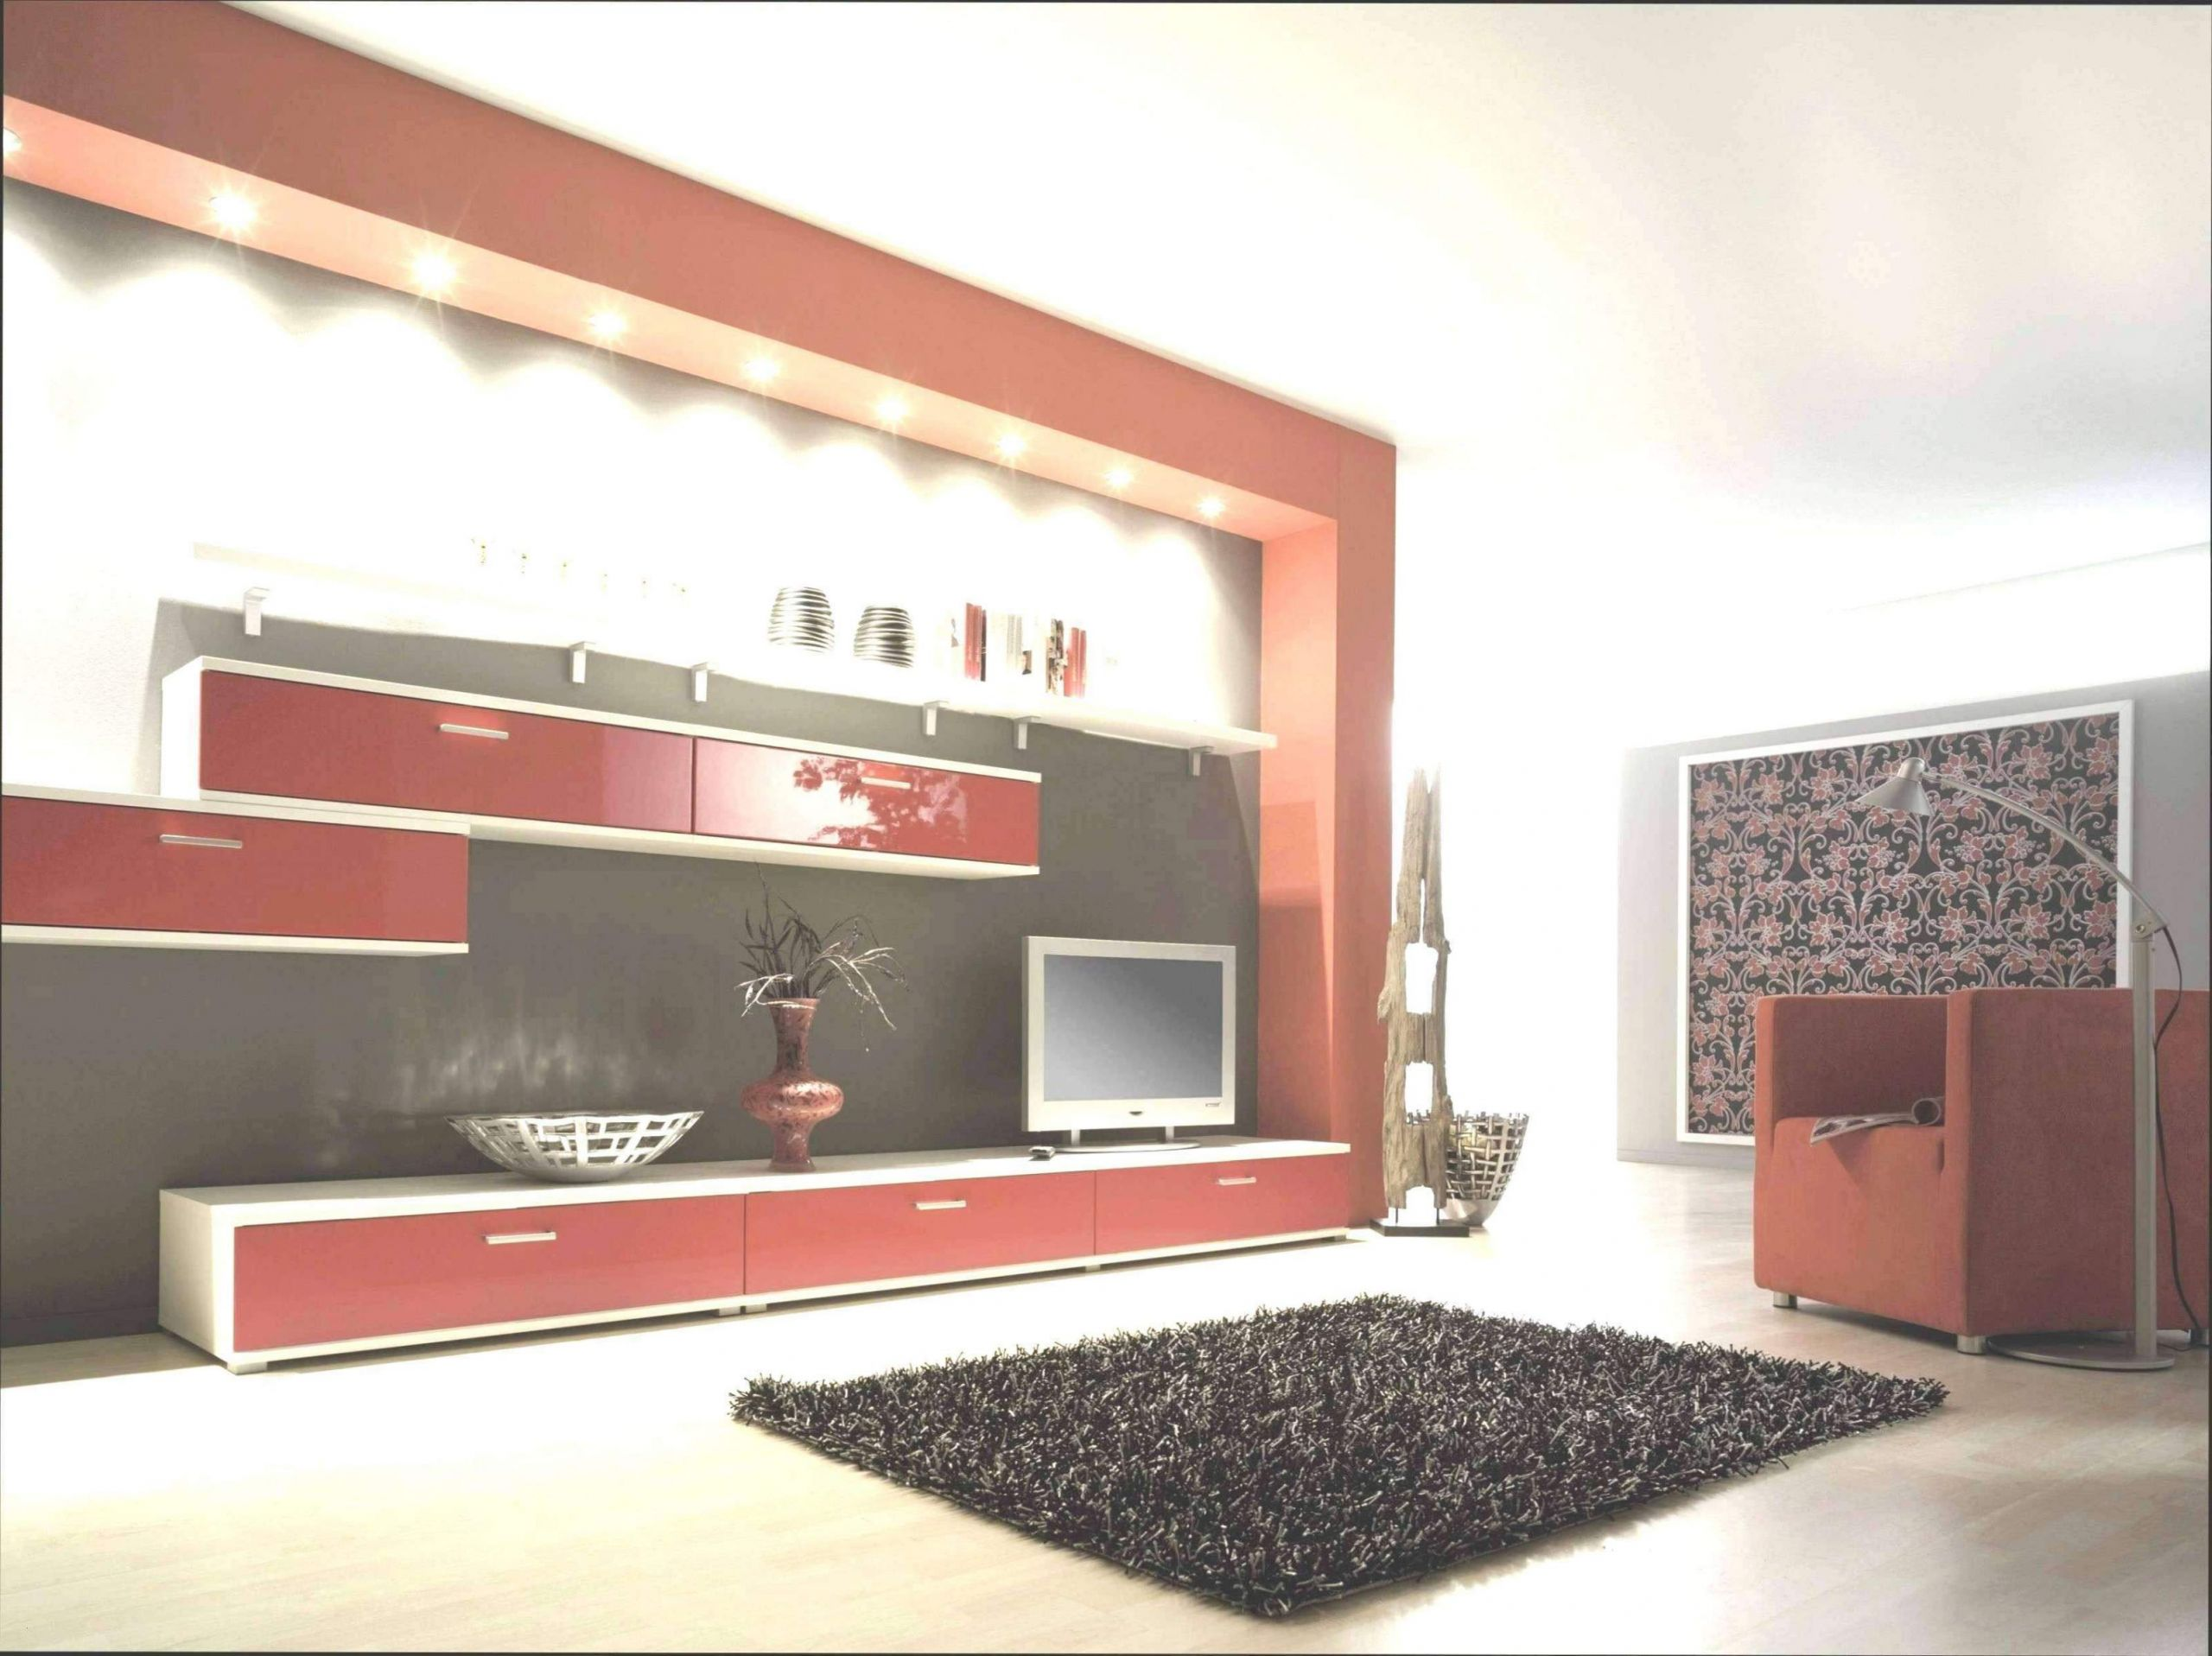 42 das beste von sichtschutz fur gartendusche galerie pflanzen fur wohnzimmer pflanzen fur wohnzimmer